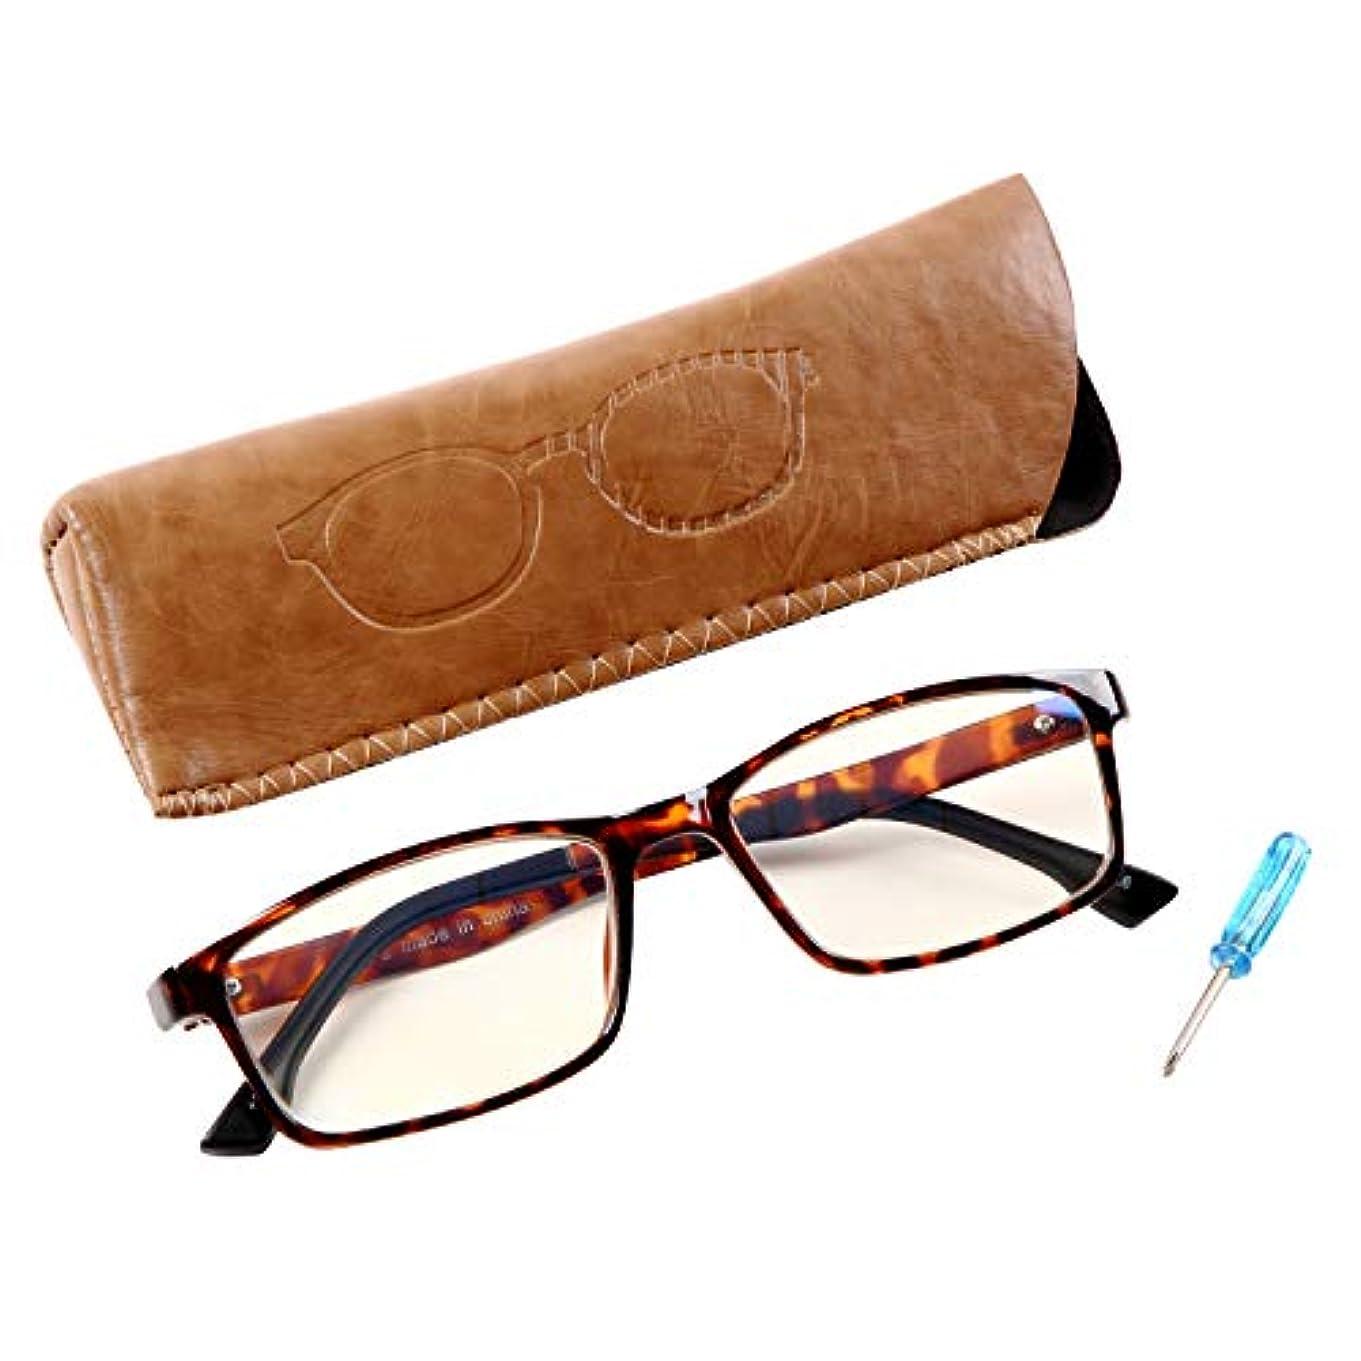 Best Fit Light 115 人気のスクエアタイプ ブルーライトカット約35% ユニセックス 老眼鏡ケース付[PrePiar](ブラウンデミ?+1.0)